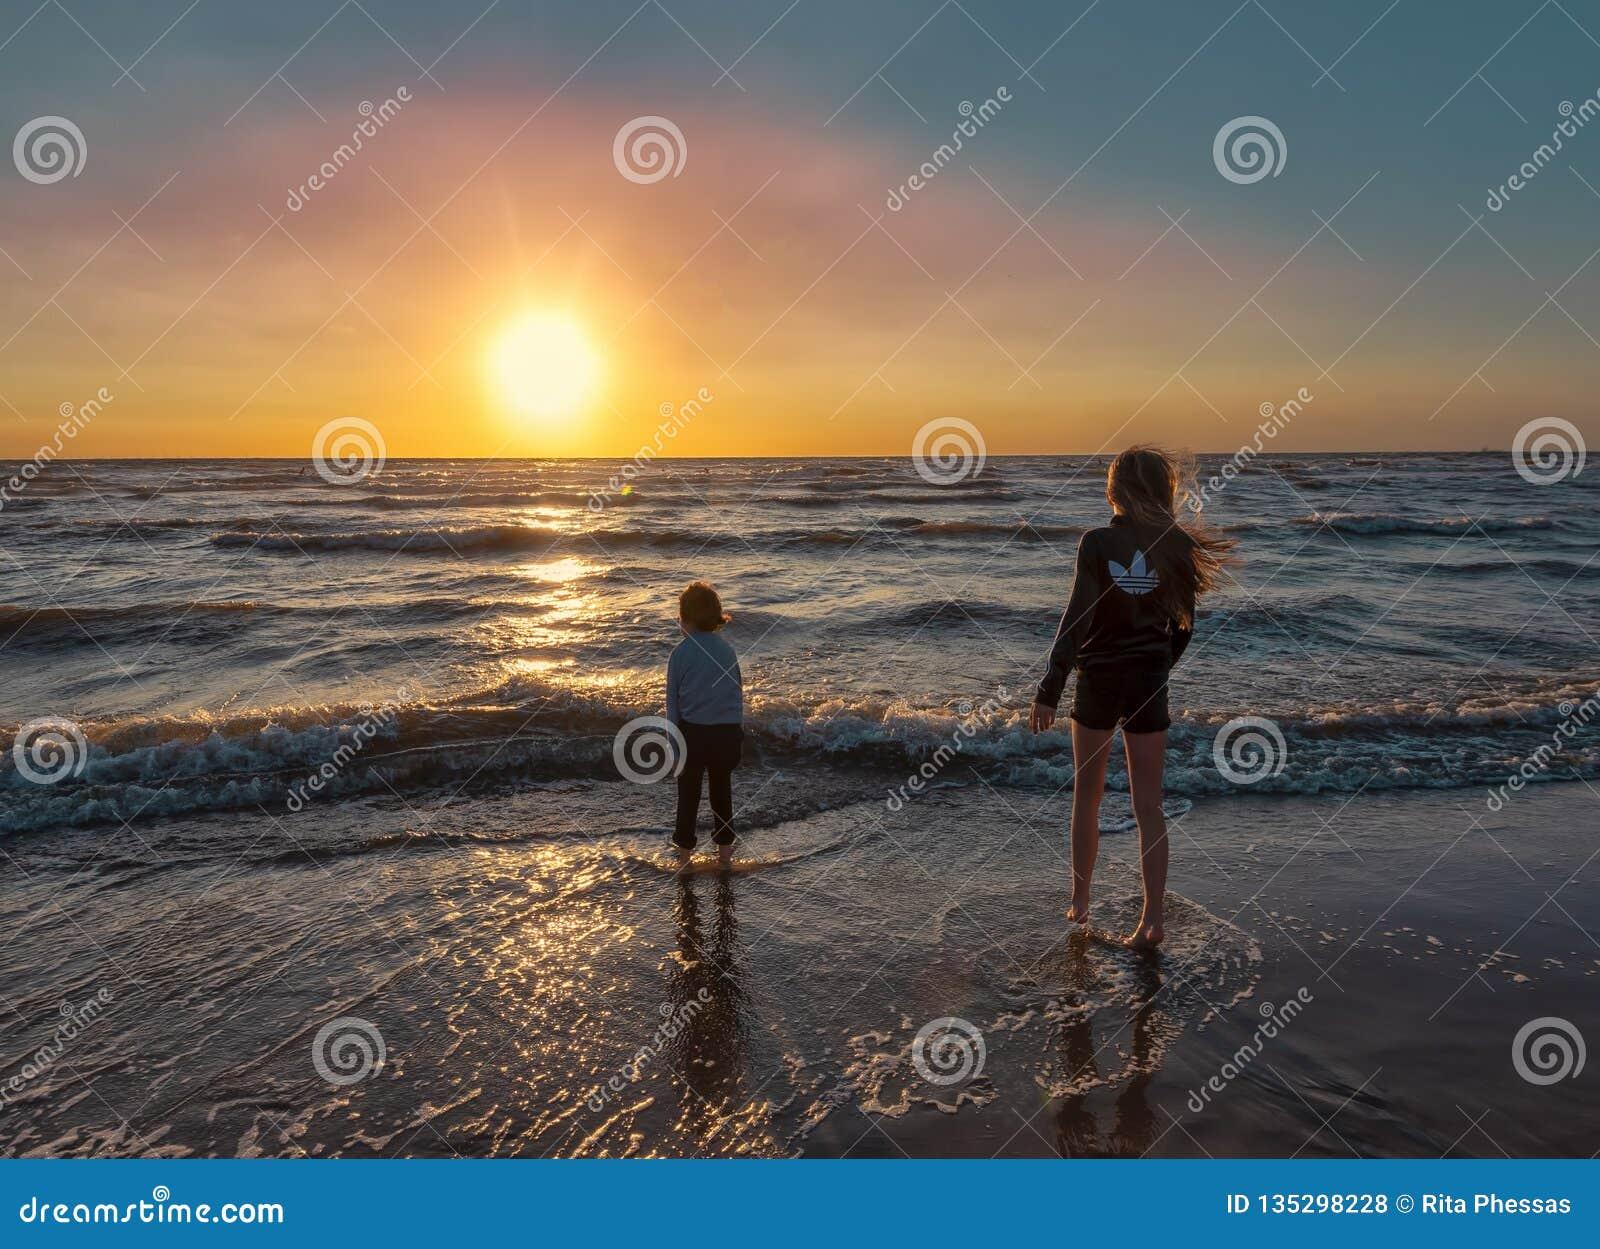 Bloemendaal holandie, 8-8-2018 Chłopiec i dziewczyna bawić się przy plażą z ich ciekami w falach przypływ, podczas gdy t